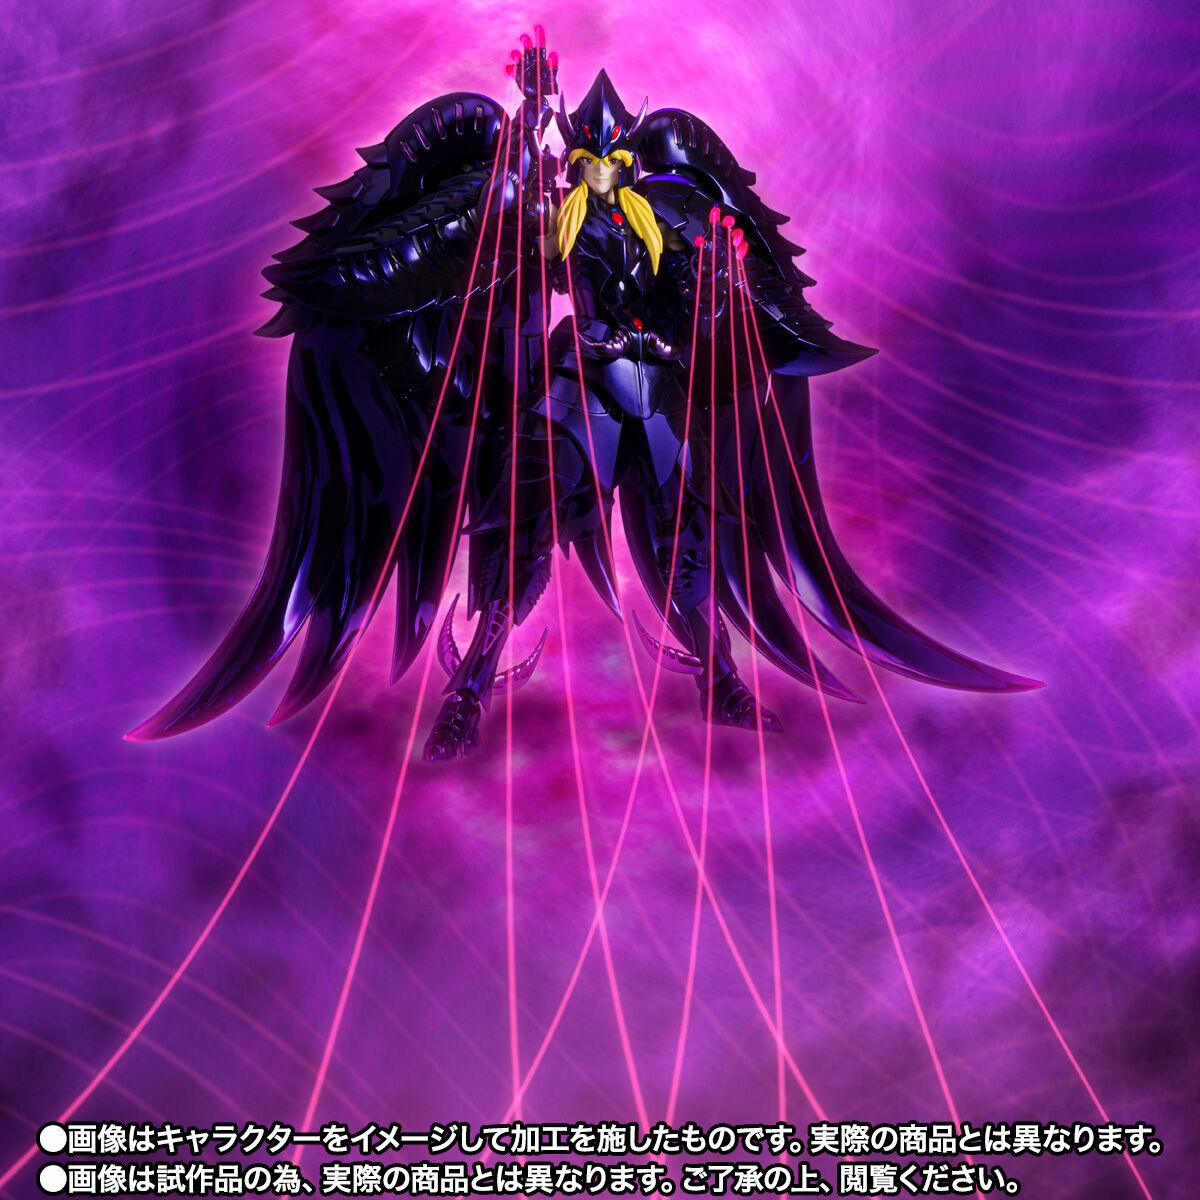 【限定販売】聖闘士聖衣神話EX『グリフォンミーノス ~ORIGINAL COLOR EDITION~』可動フィギュア-010